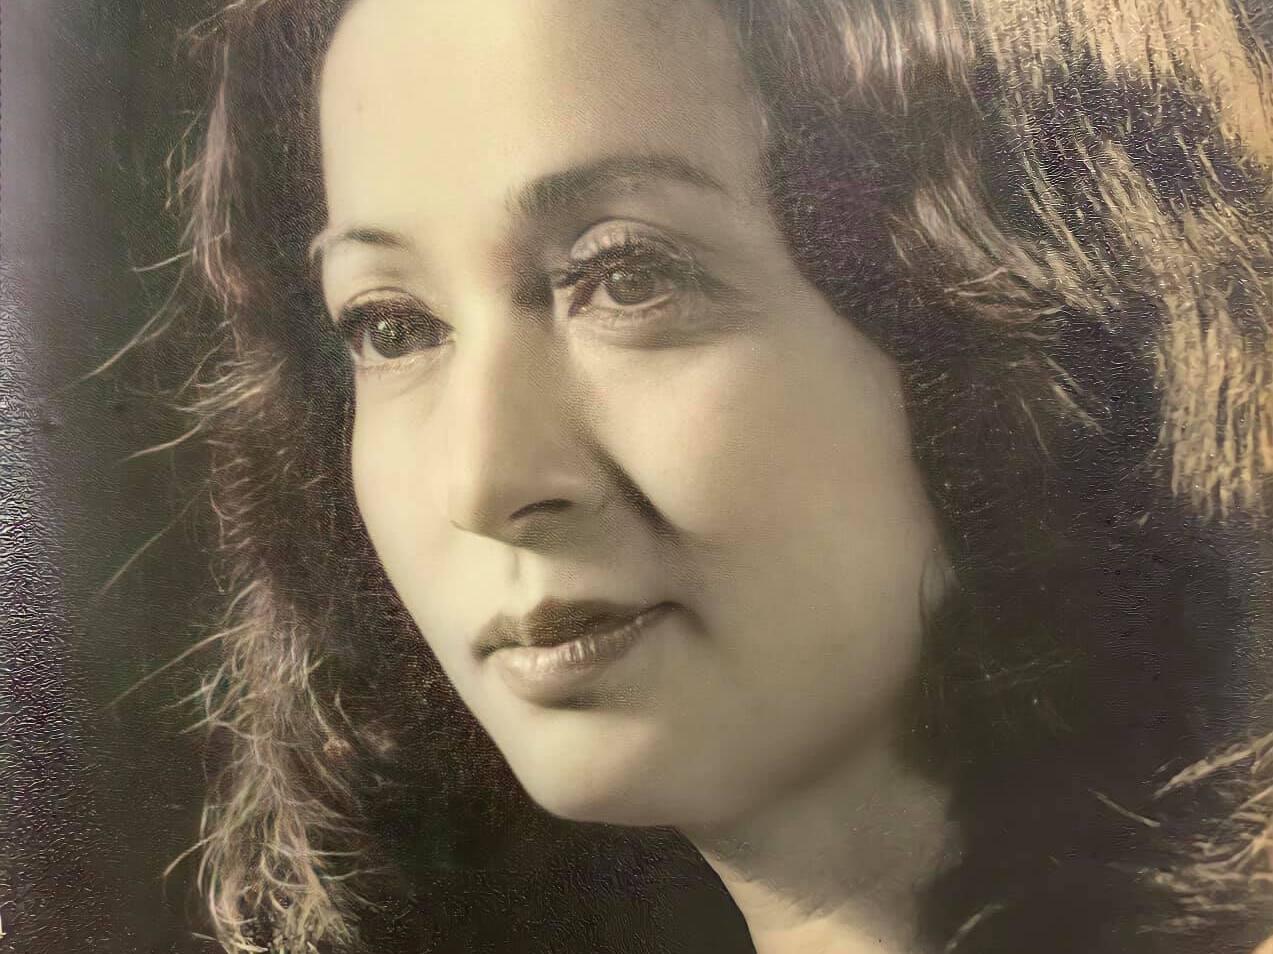 Nhạc sĩ Quốc Trung tung ảnh mẹ ruột thời thanh xuân khiến cư dân mạng sốc: Nhan sắc mĩ miều, thần thái kiều diễm như tuyệt phẩm 'Người đàn bà xa lạ'